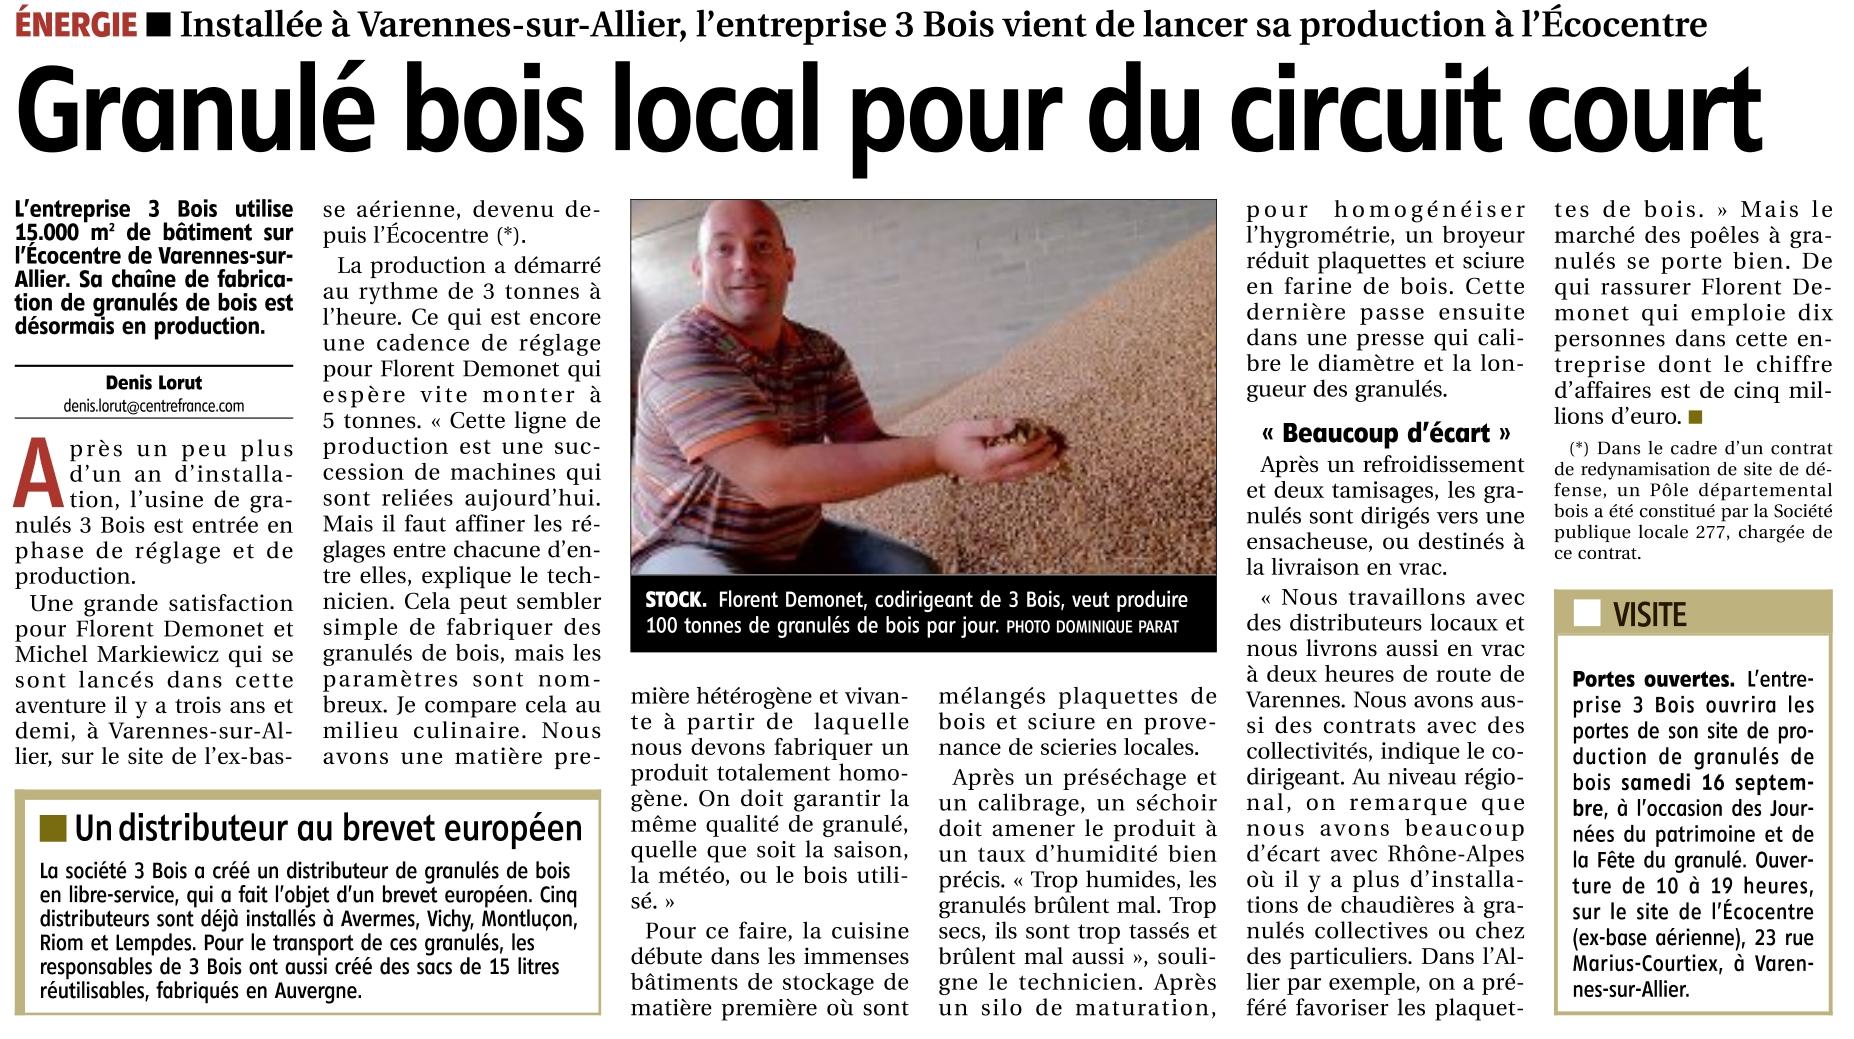 L'Entreprise 3 Bois vient de lancer sa production de granulés